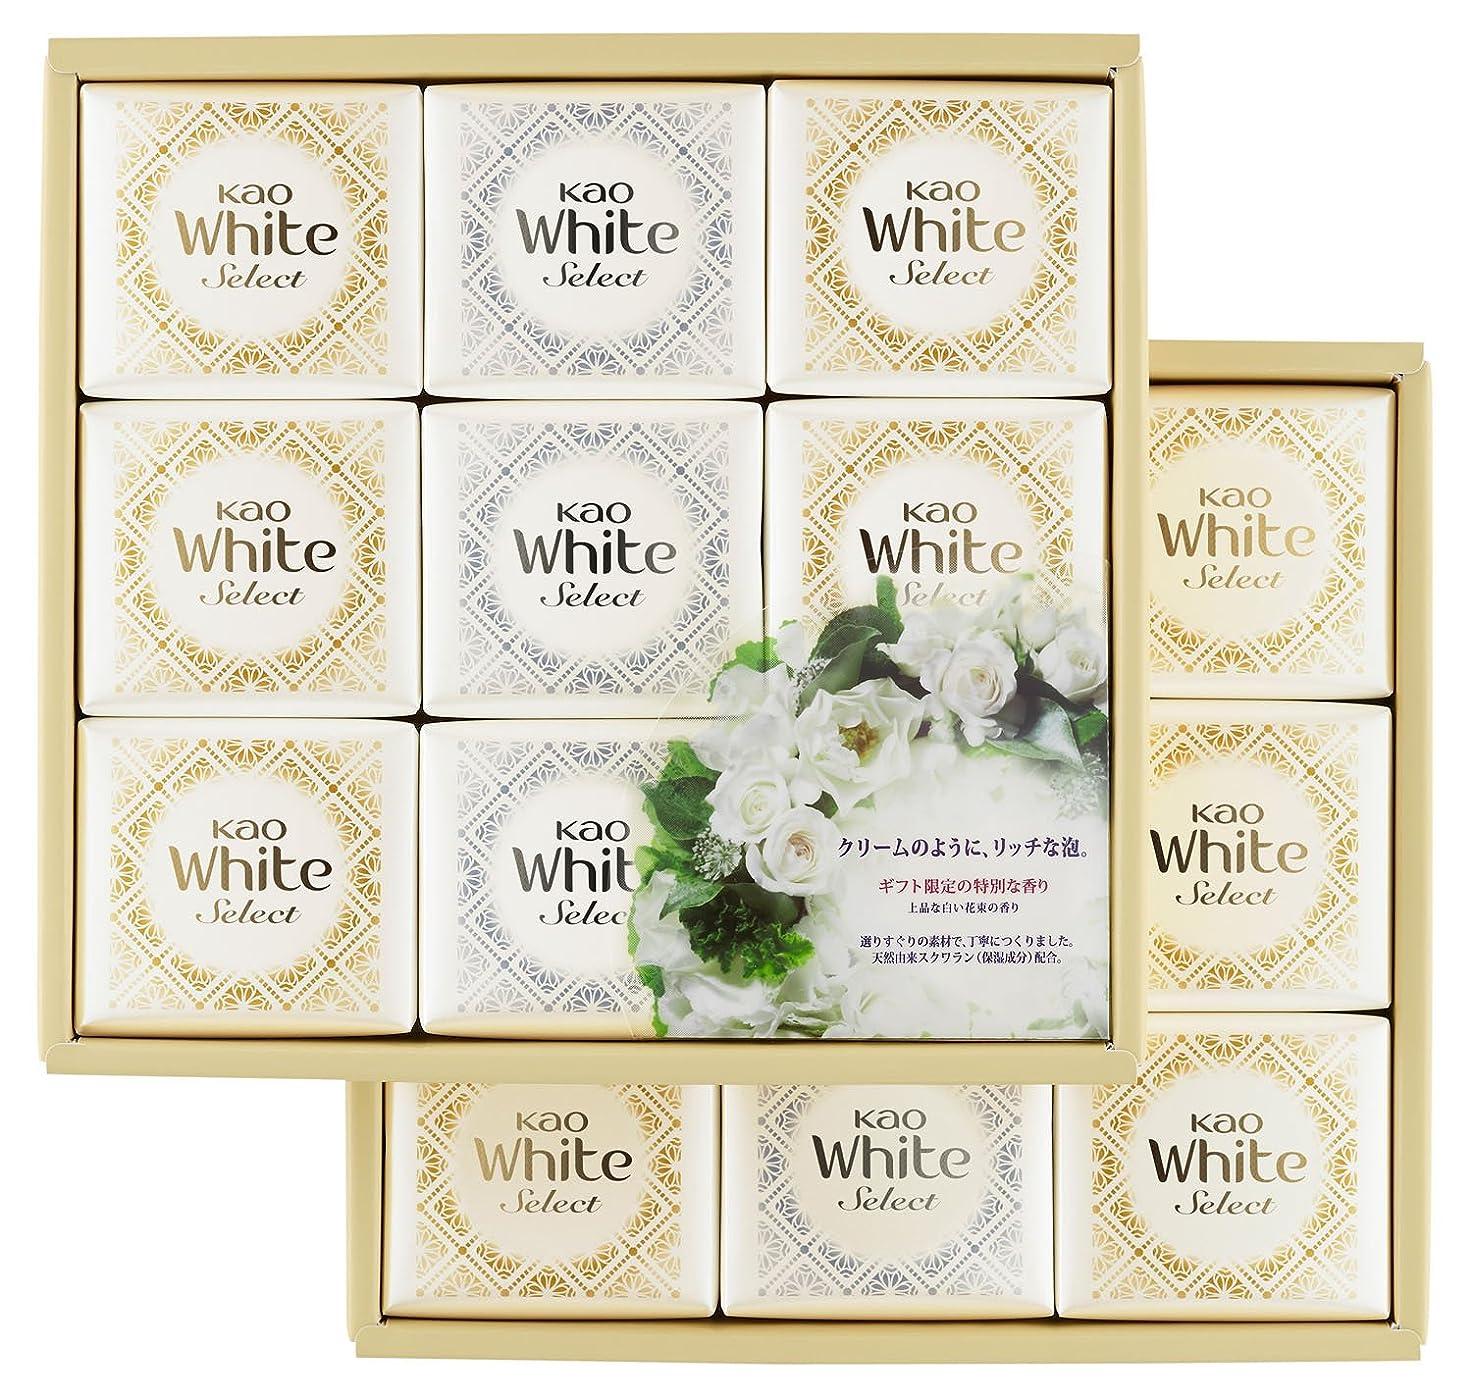 道路性的シャンプー花王ホワイト セレクト 上品な白い花束の香り 85g 18コ K?WS-30